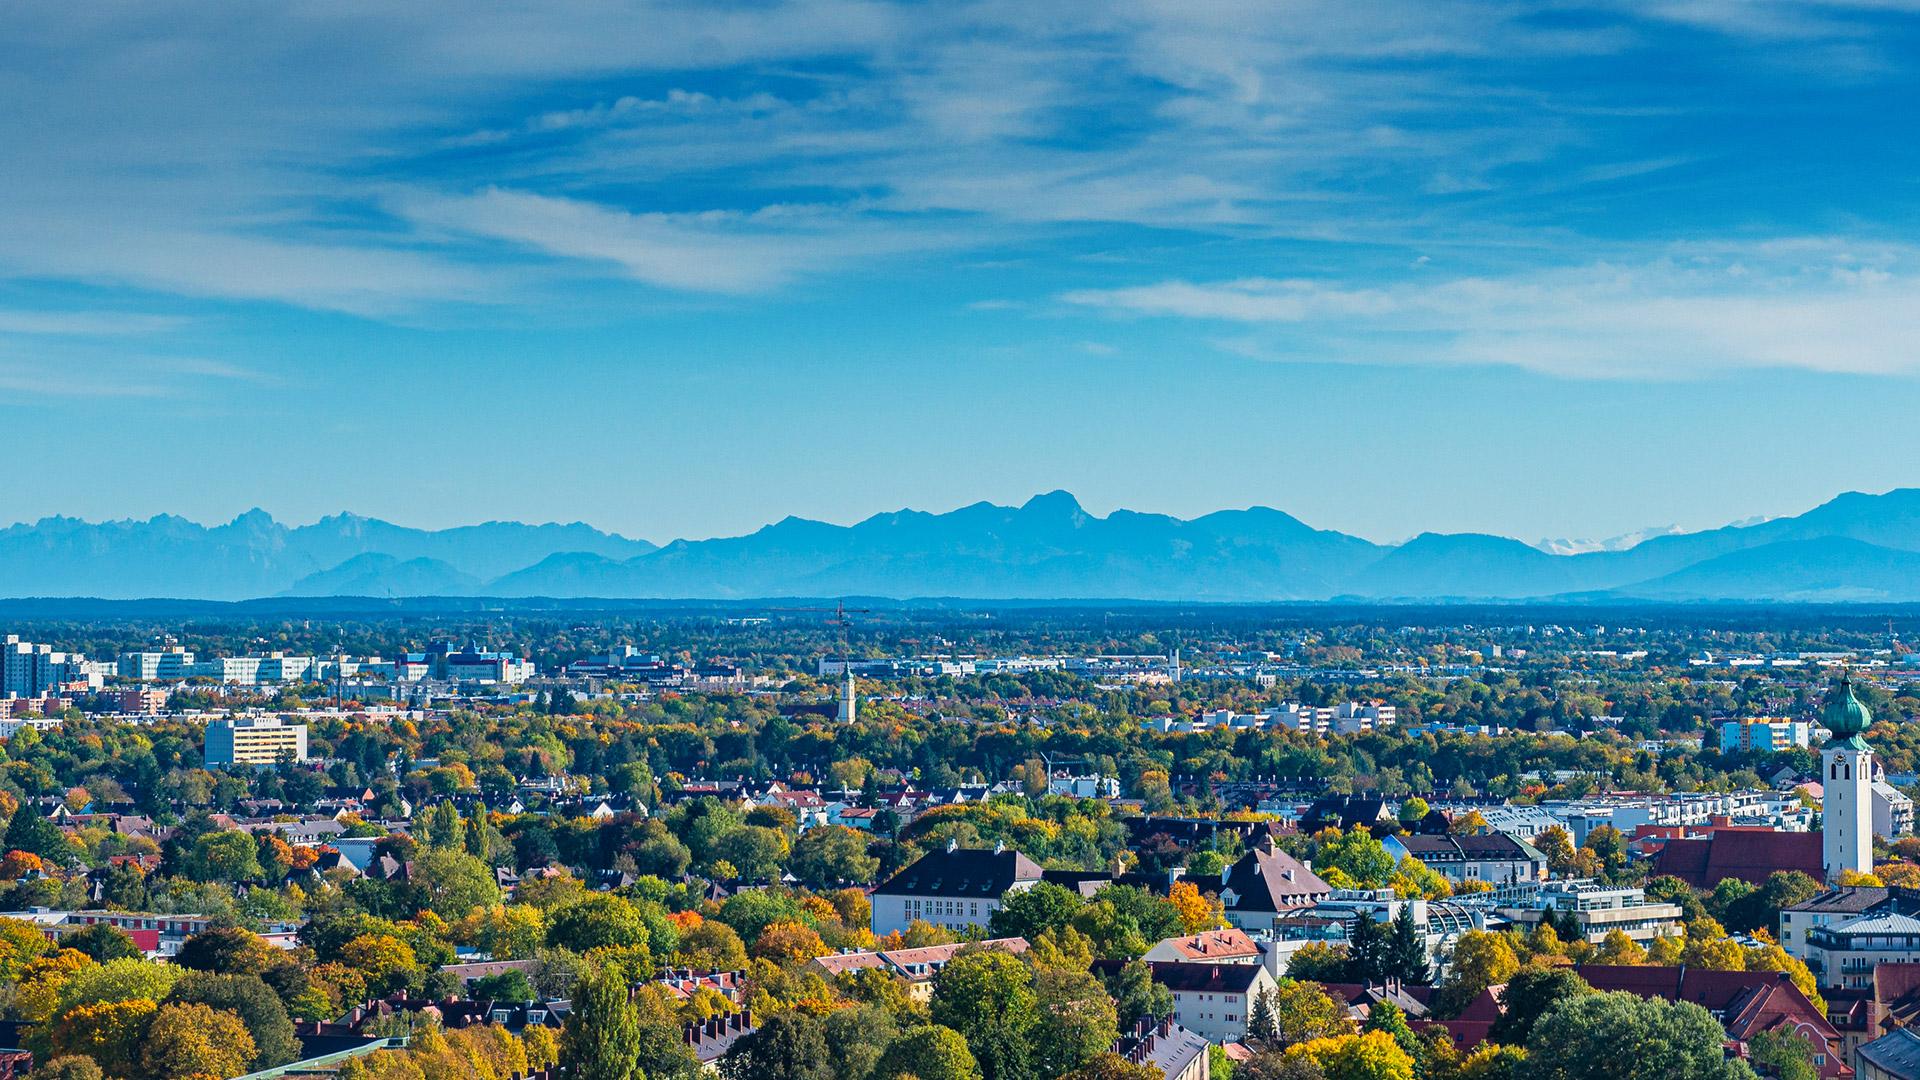 Fiducia München Immobilien, Beratung, Betreuung, Verkauf und Vermietung